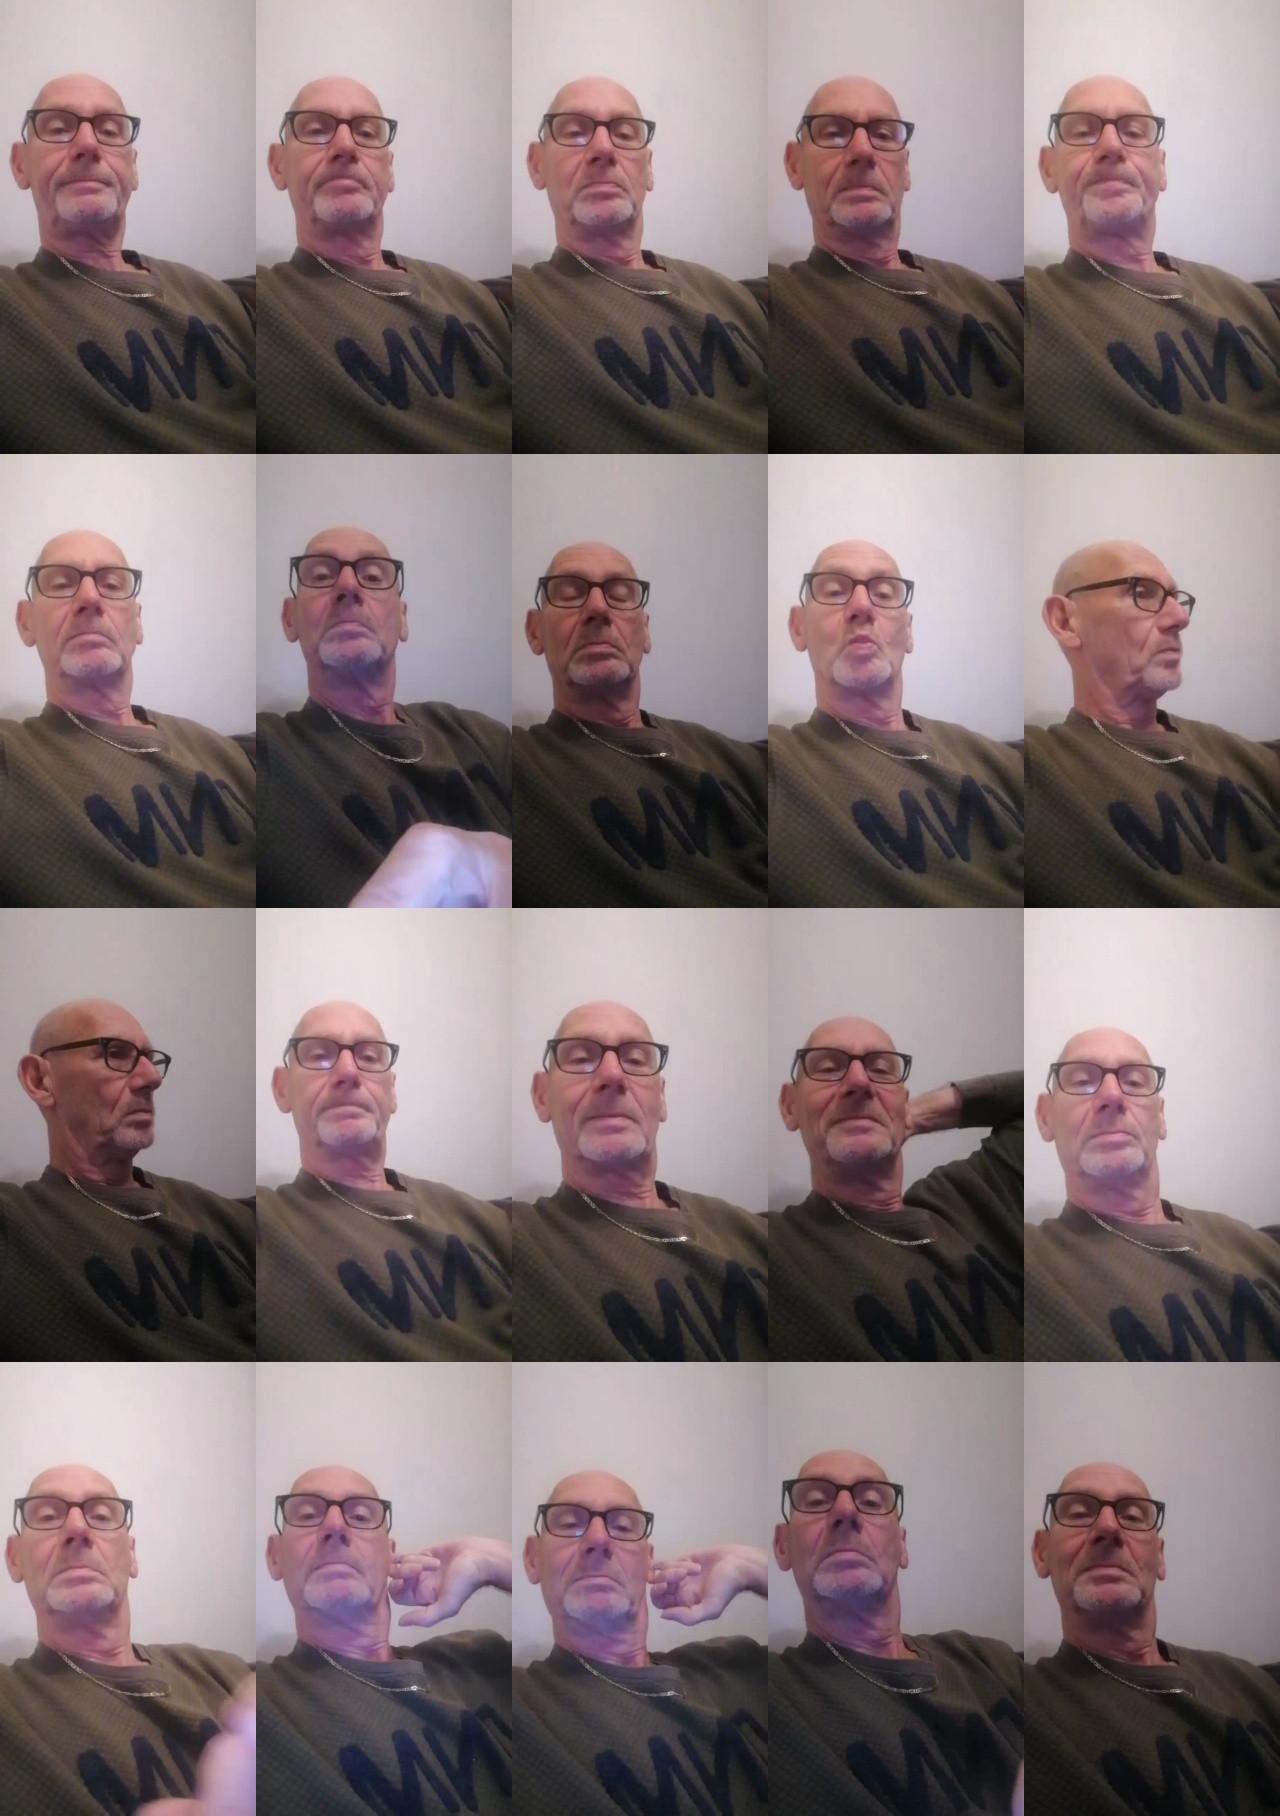 libido27 Video CAM SHOW @ Cam4 21-11-2020